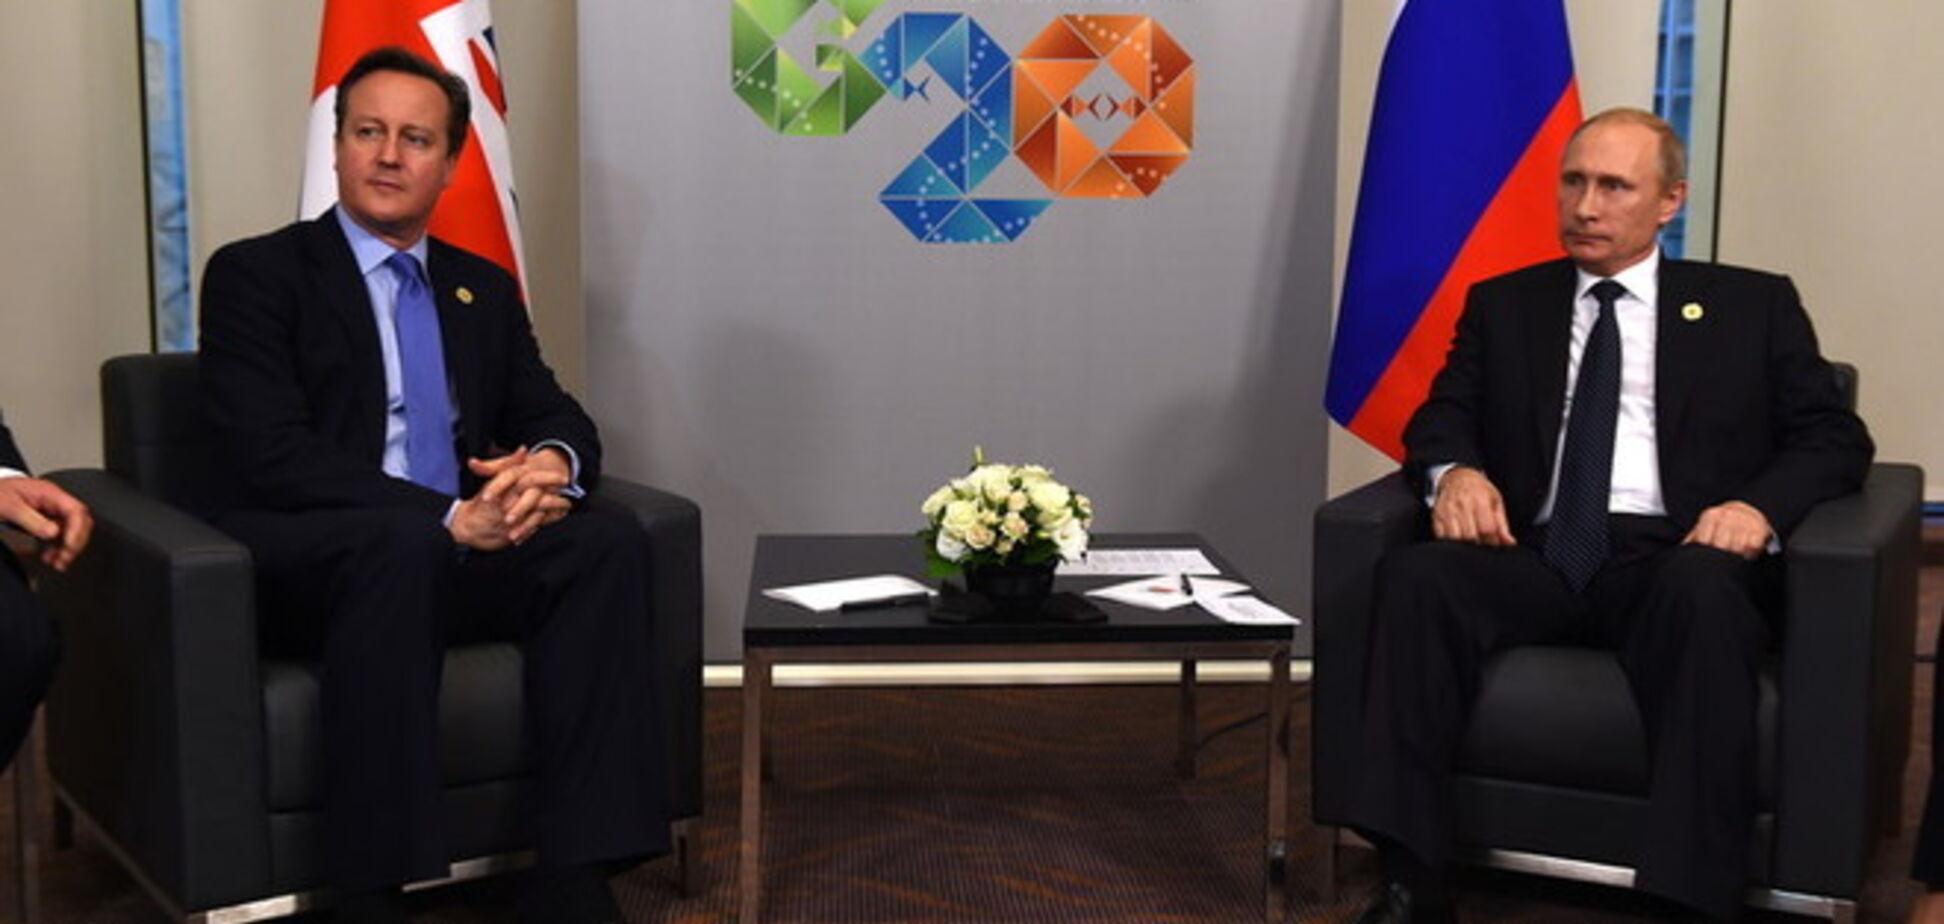 Путин находится на распутье в вопросе Украины - Кэмерон